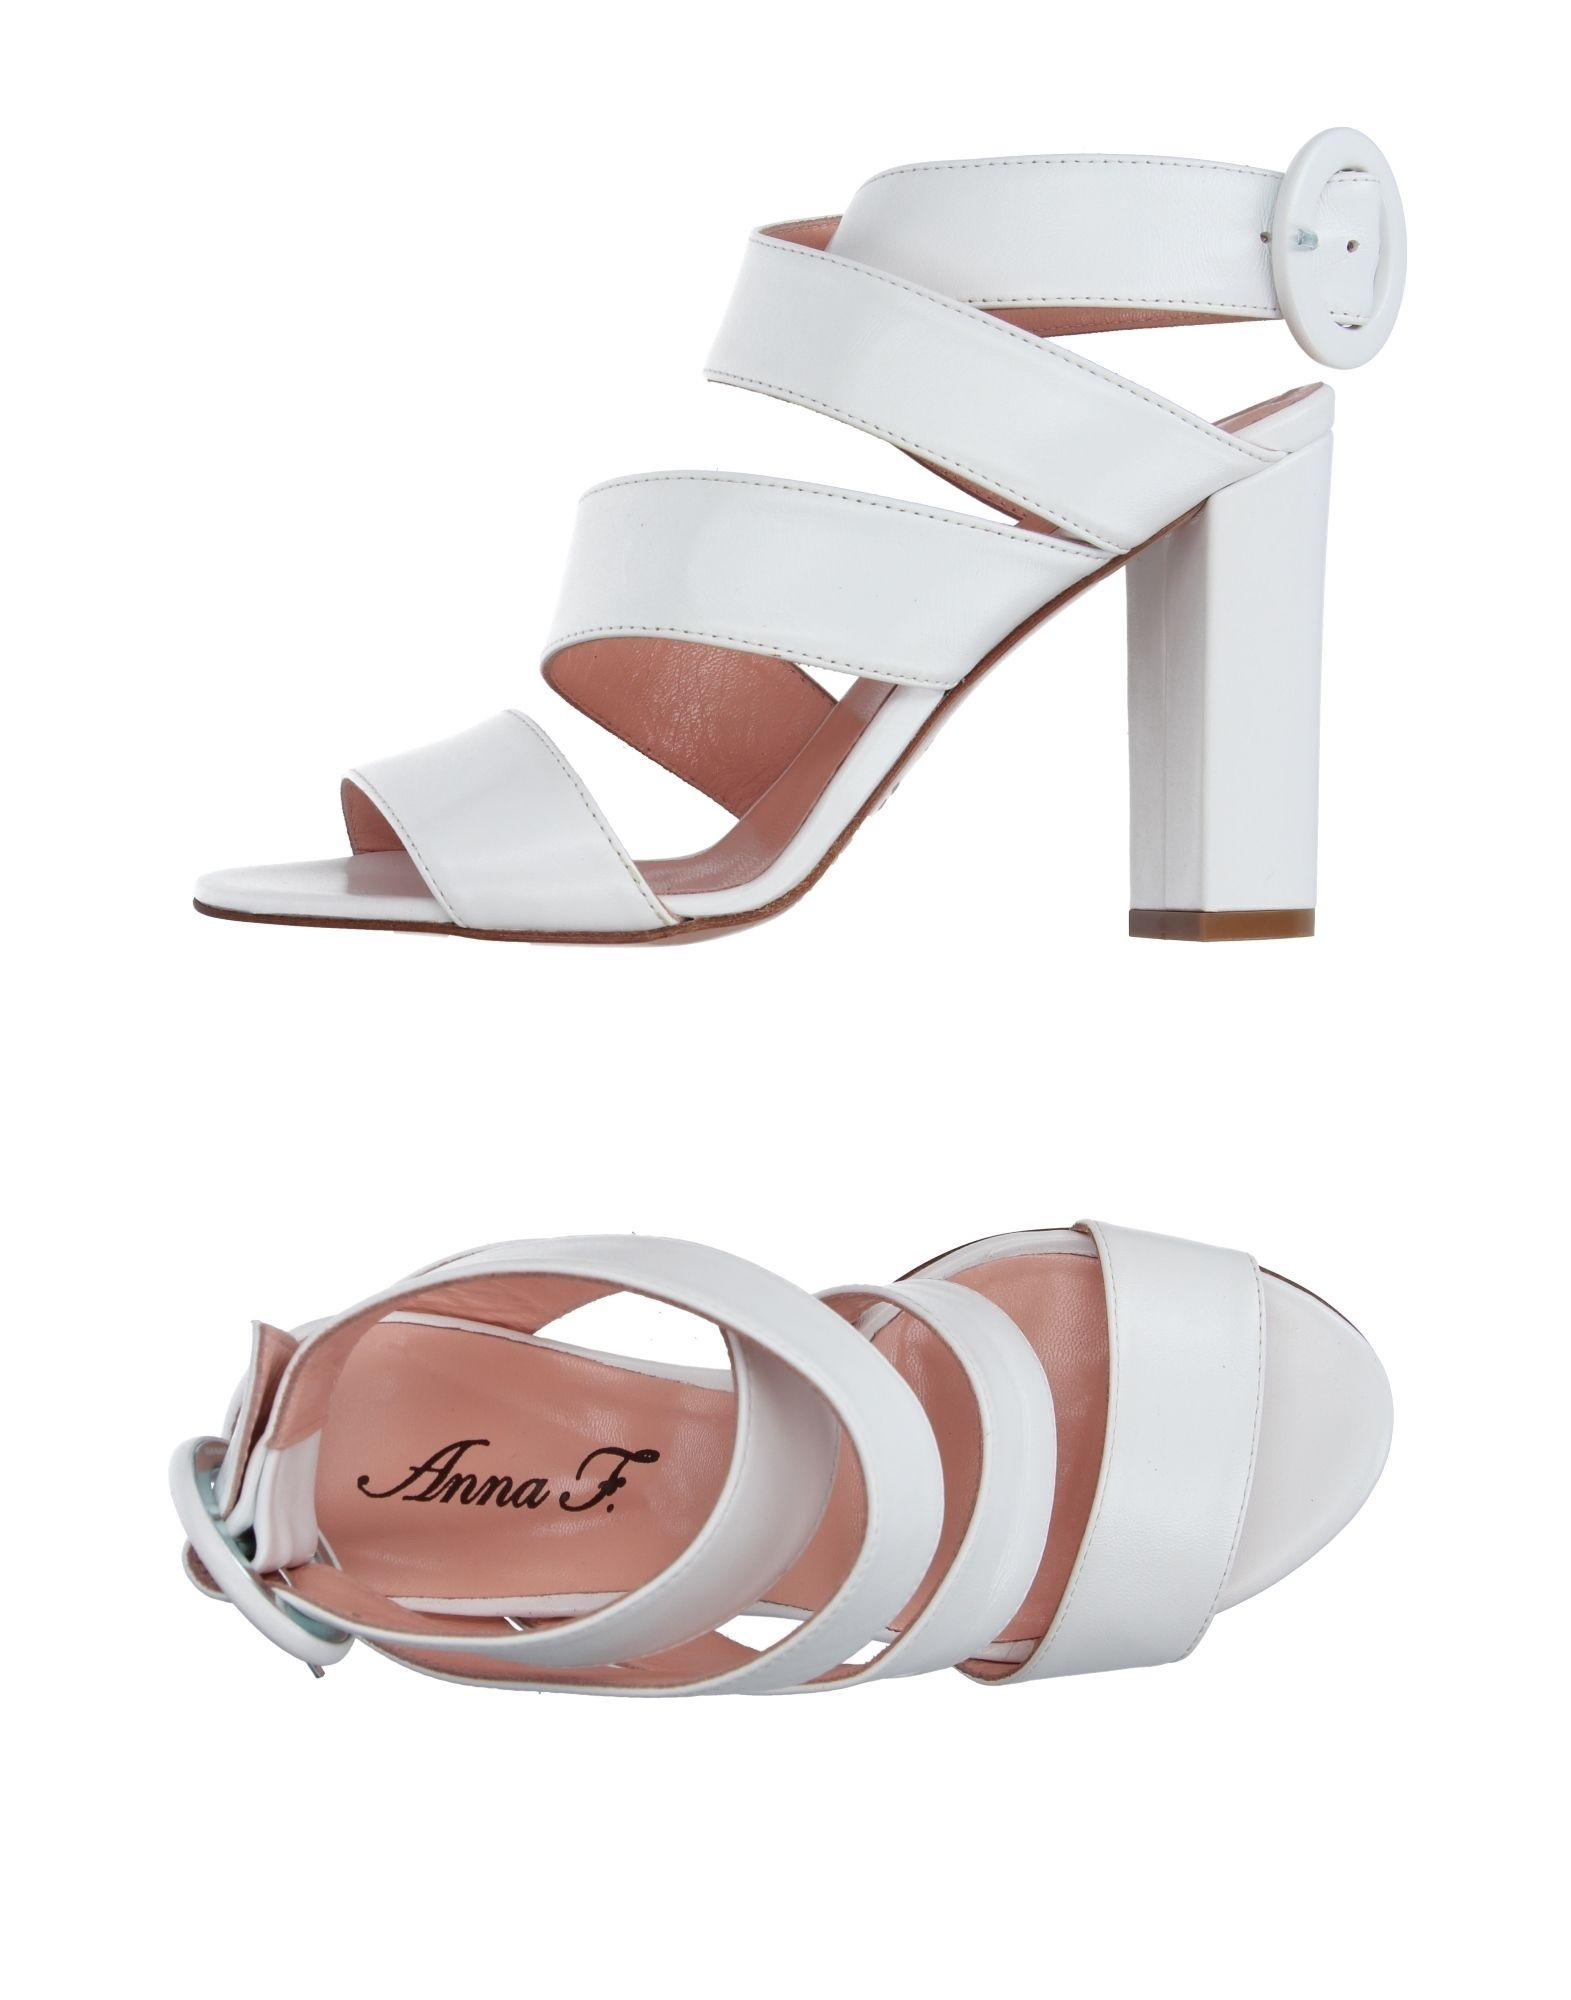 Anna F. Sandals In White